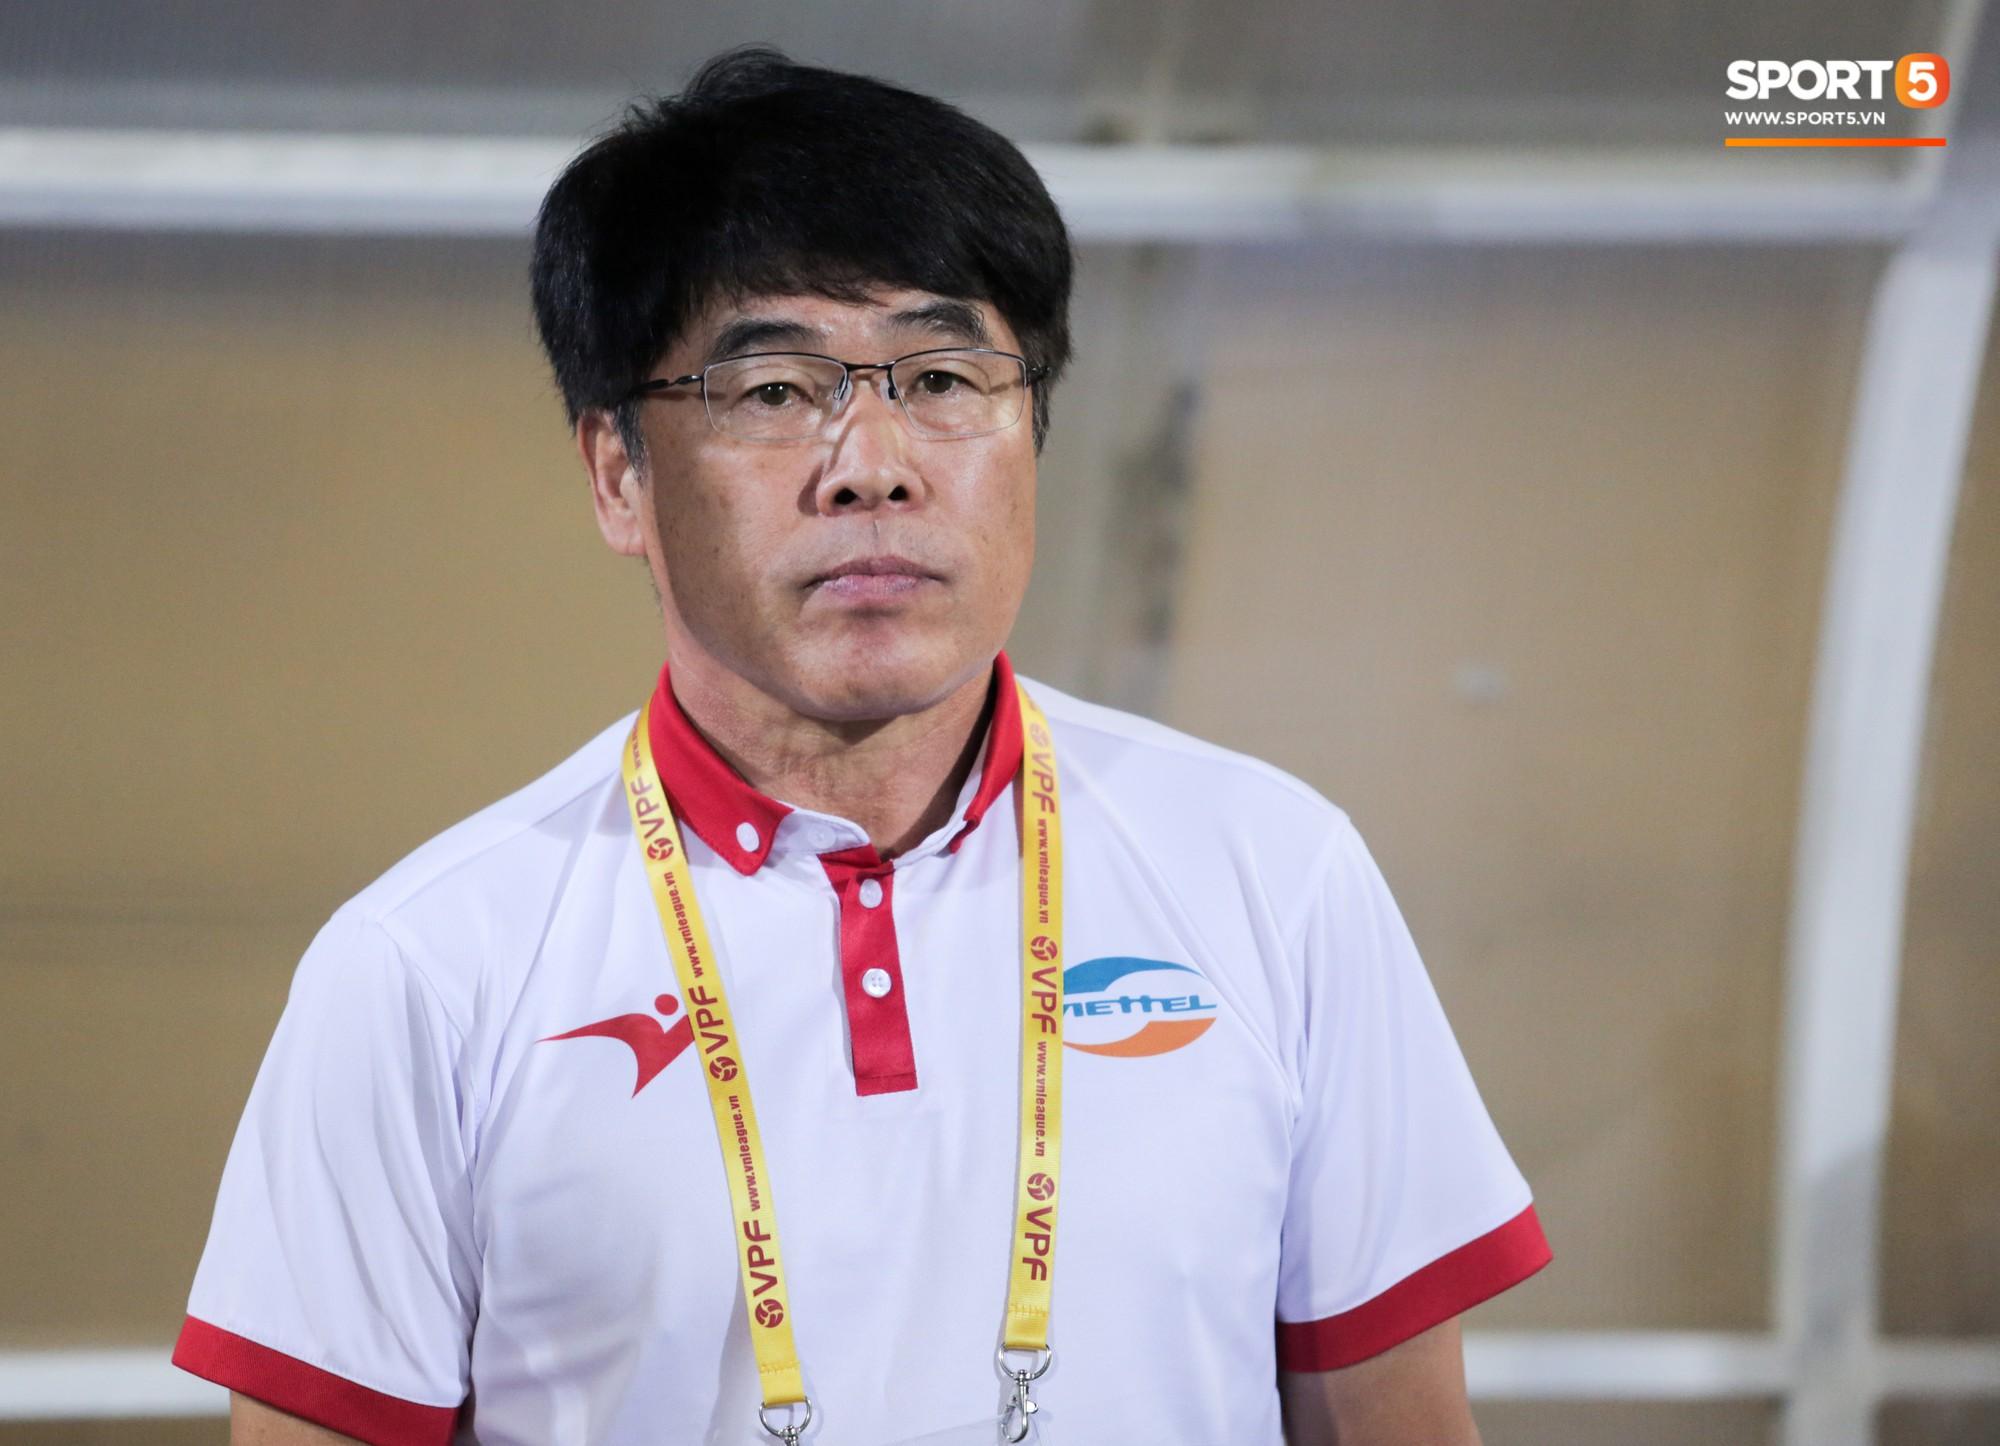 Vừa về Việt Nam, Quế Ngọc Hải, Tiến Dũng nhận tin không vui trước vòng 13 V.League 2019-2